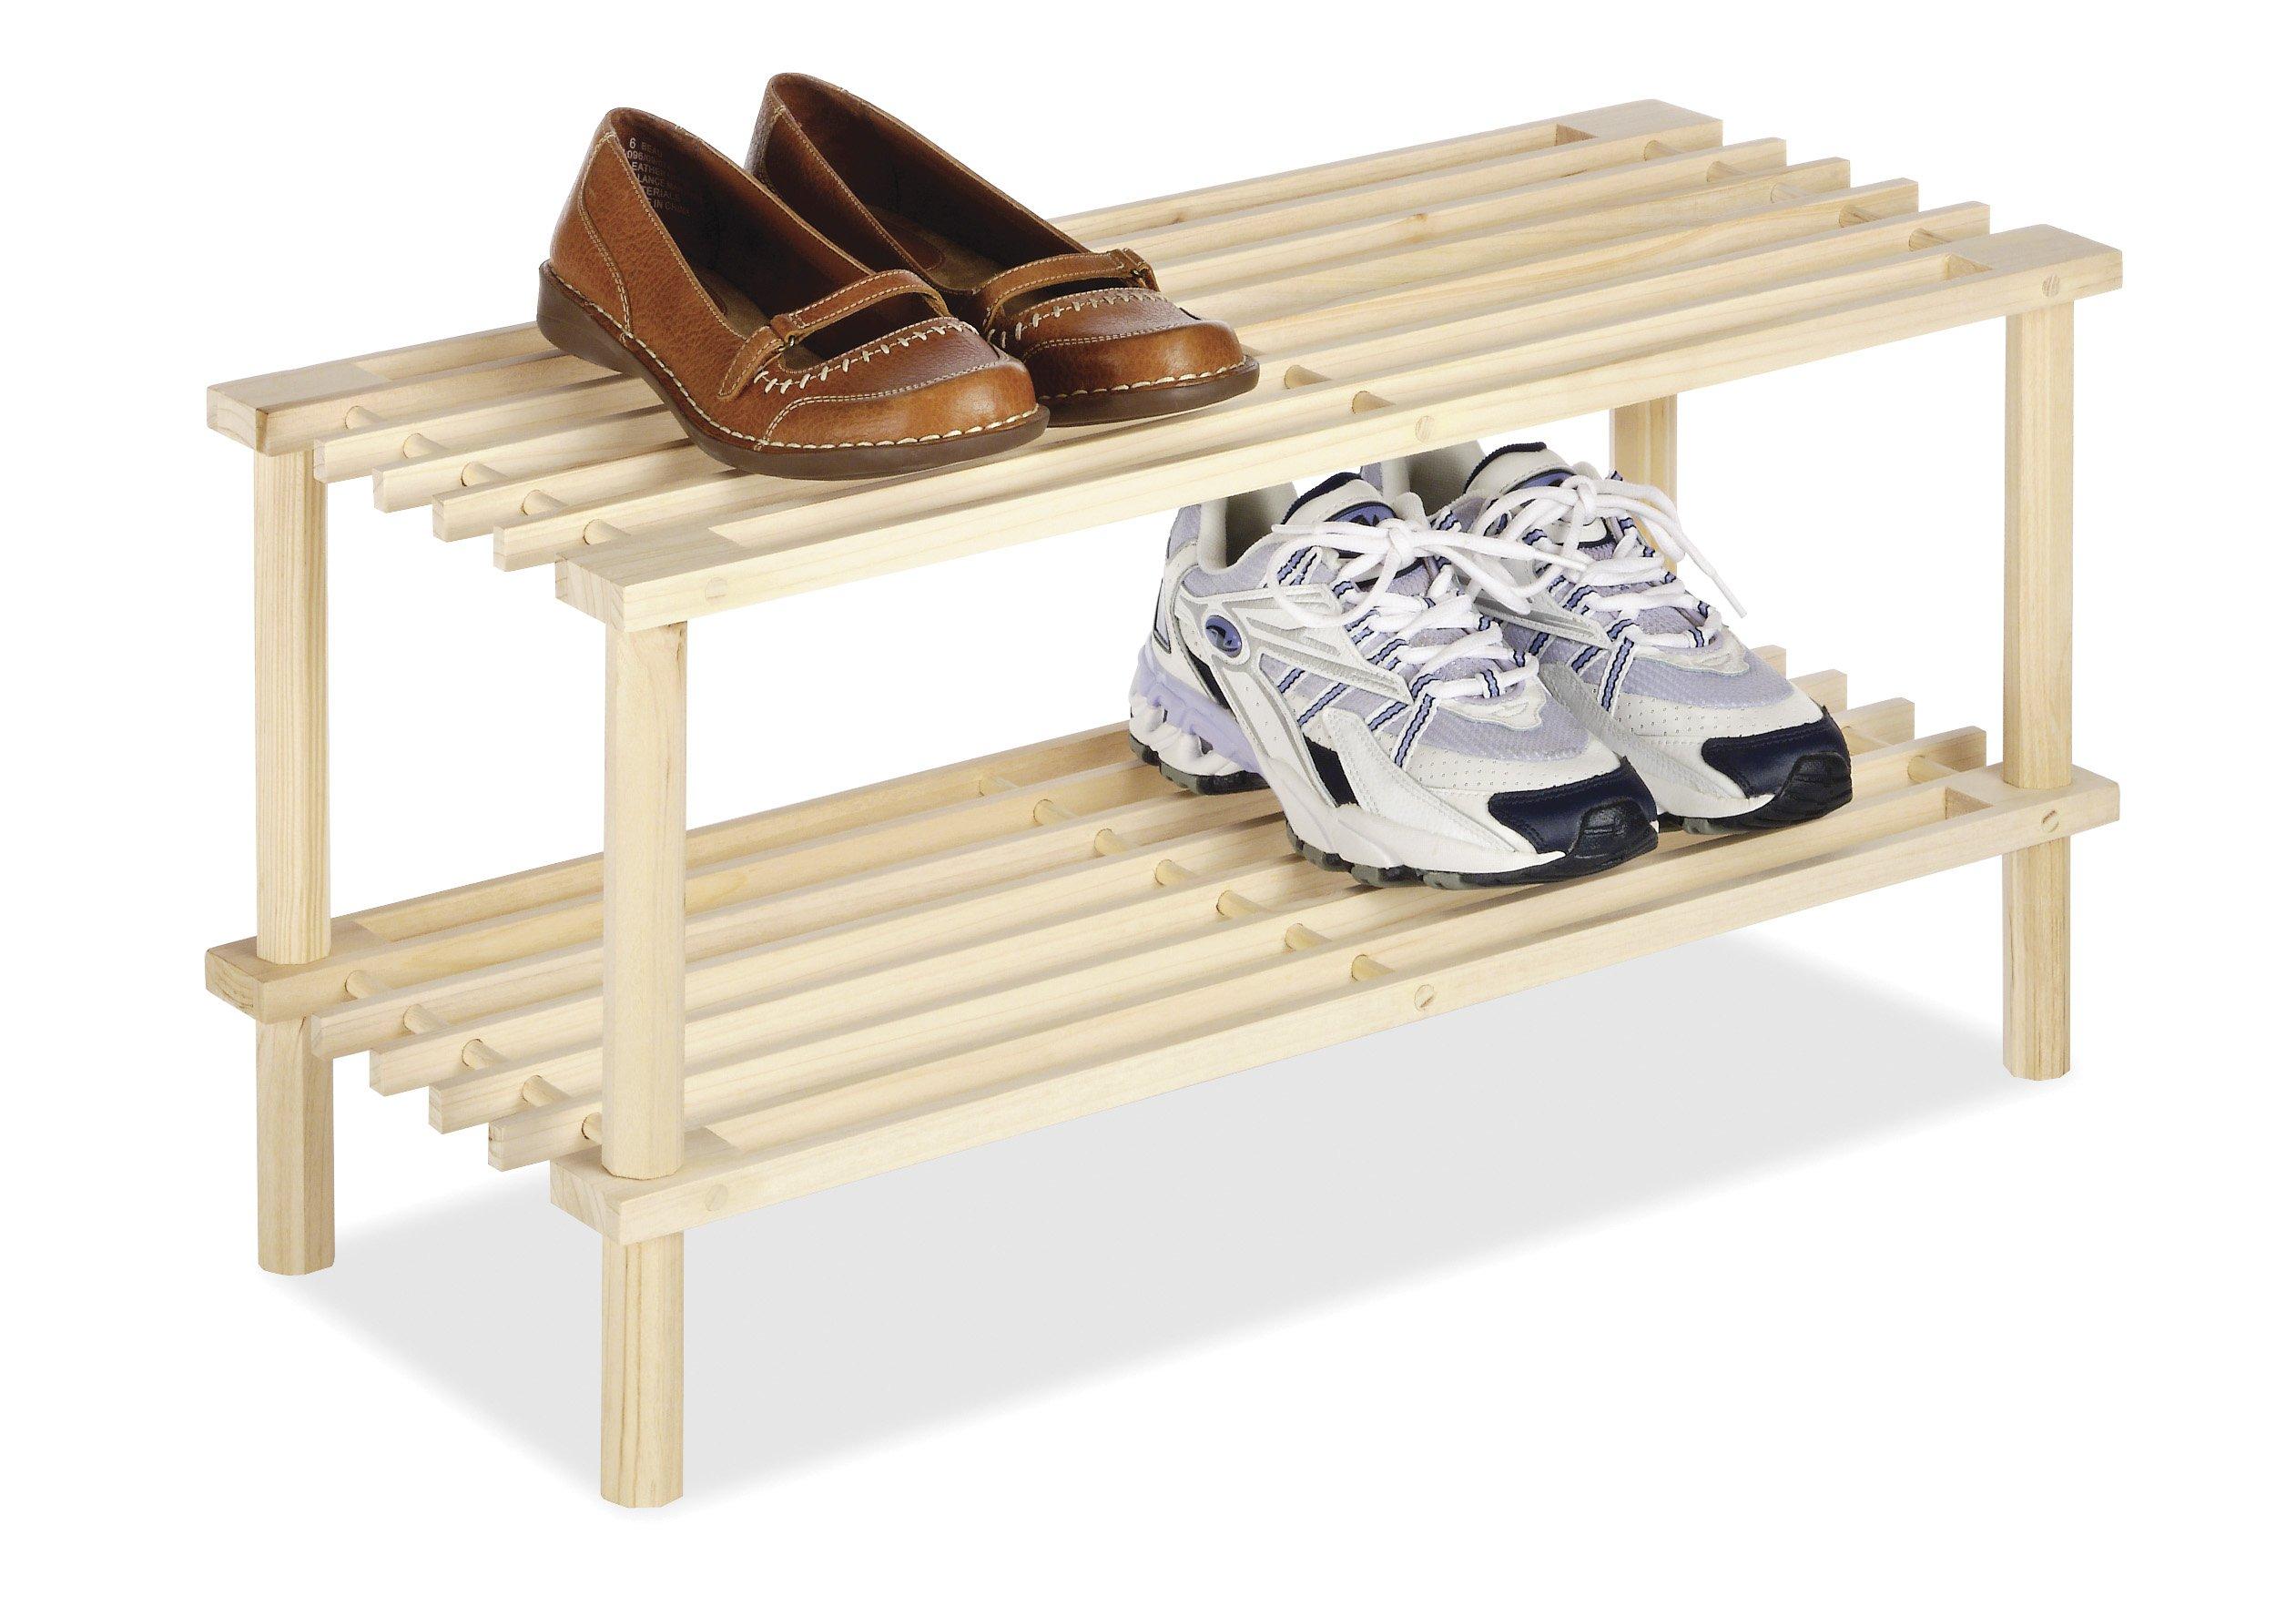 Whitmor 2 Tier Wood Household Shelves